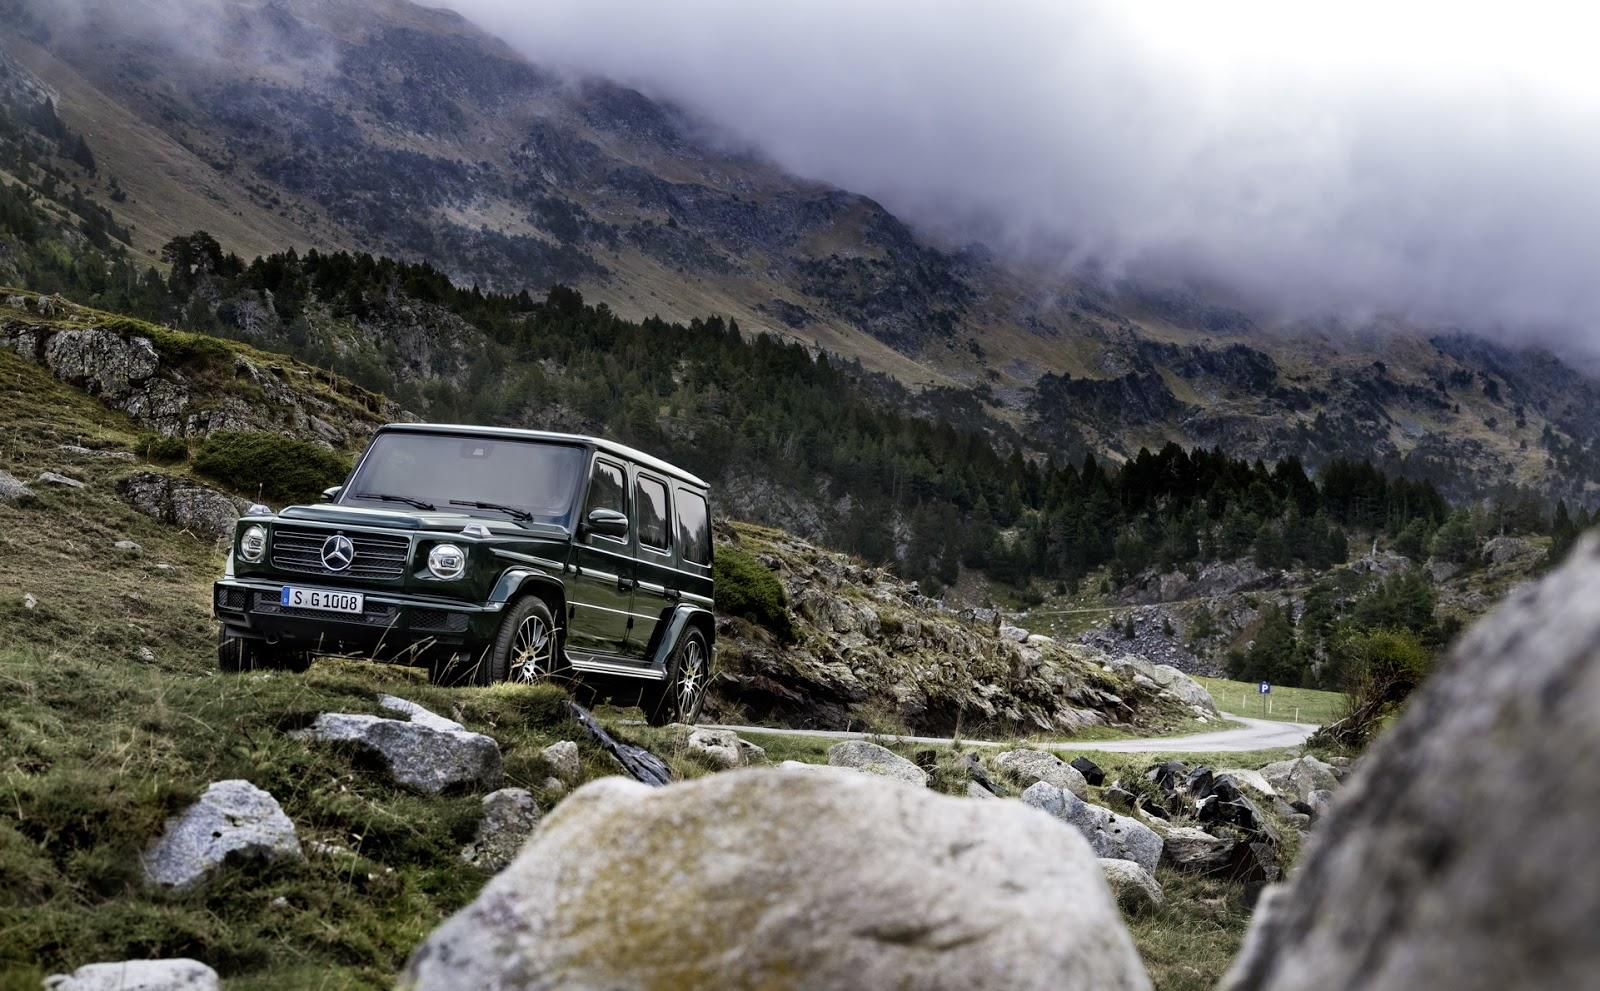 2019-Mercedes-Benz-G-Class-007.jpg